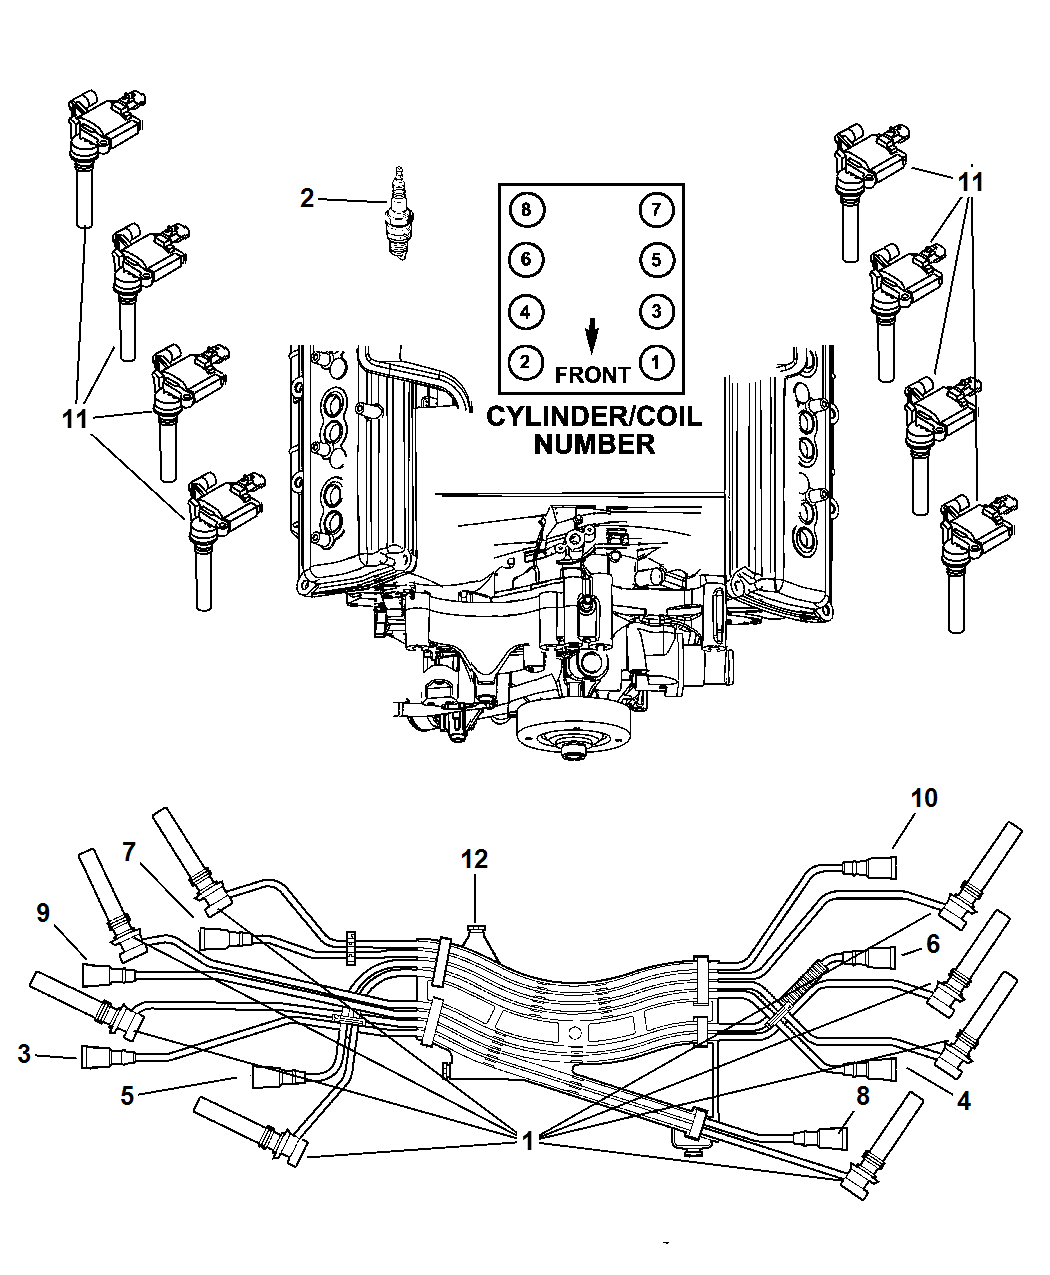 YH_6997] 2004 Durango Spark Plug Diagram Wiring DiagramWww Mohammedshrine Librar Wiring 101